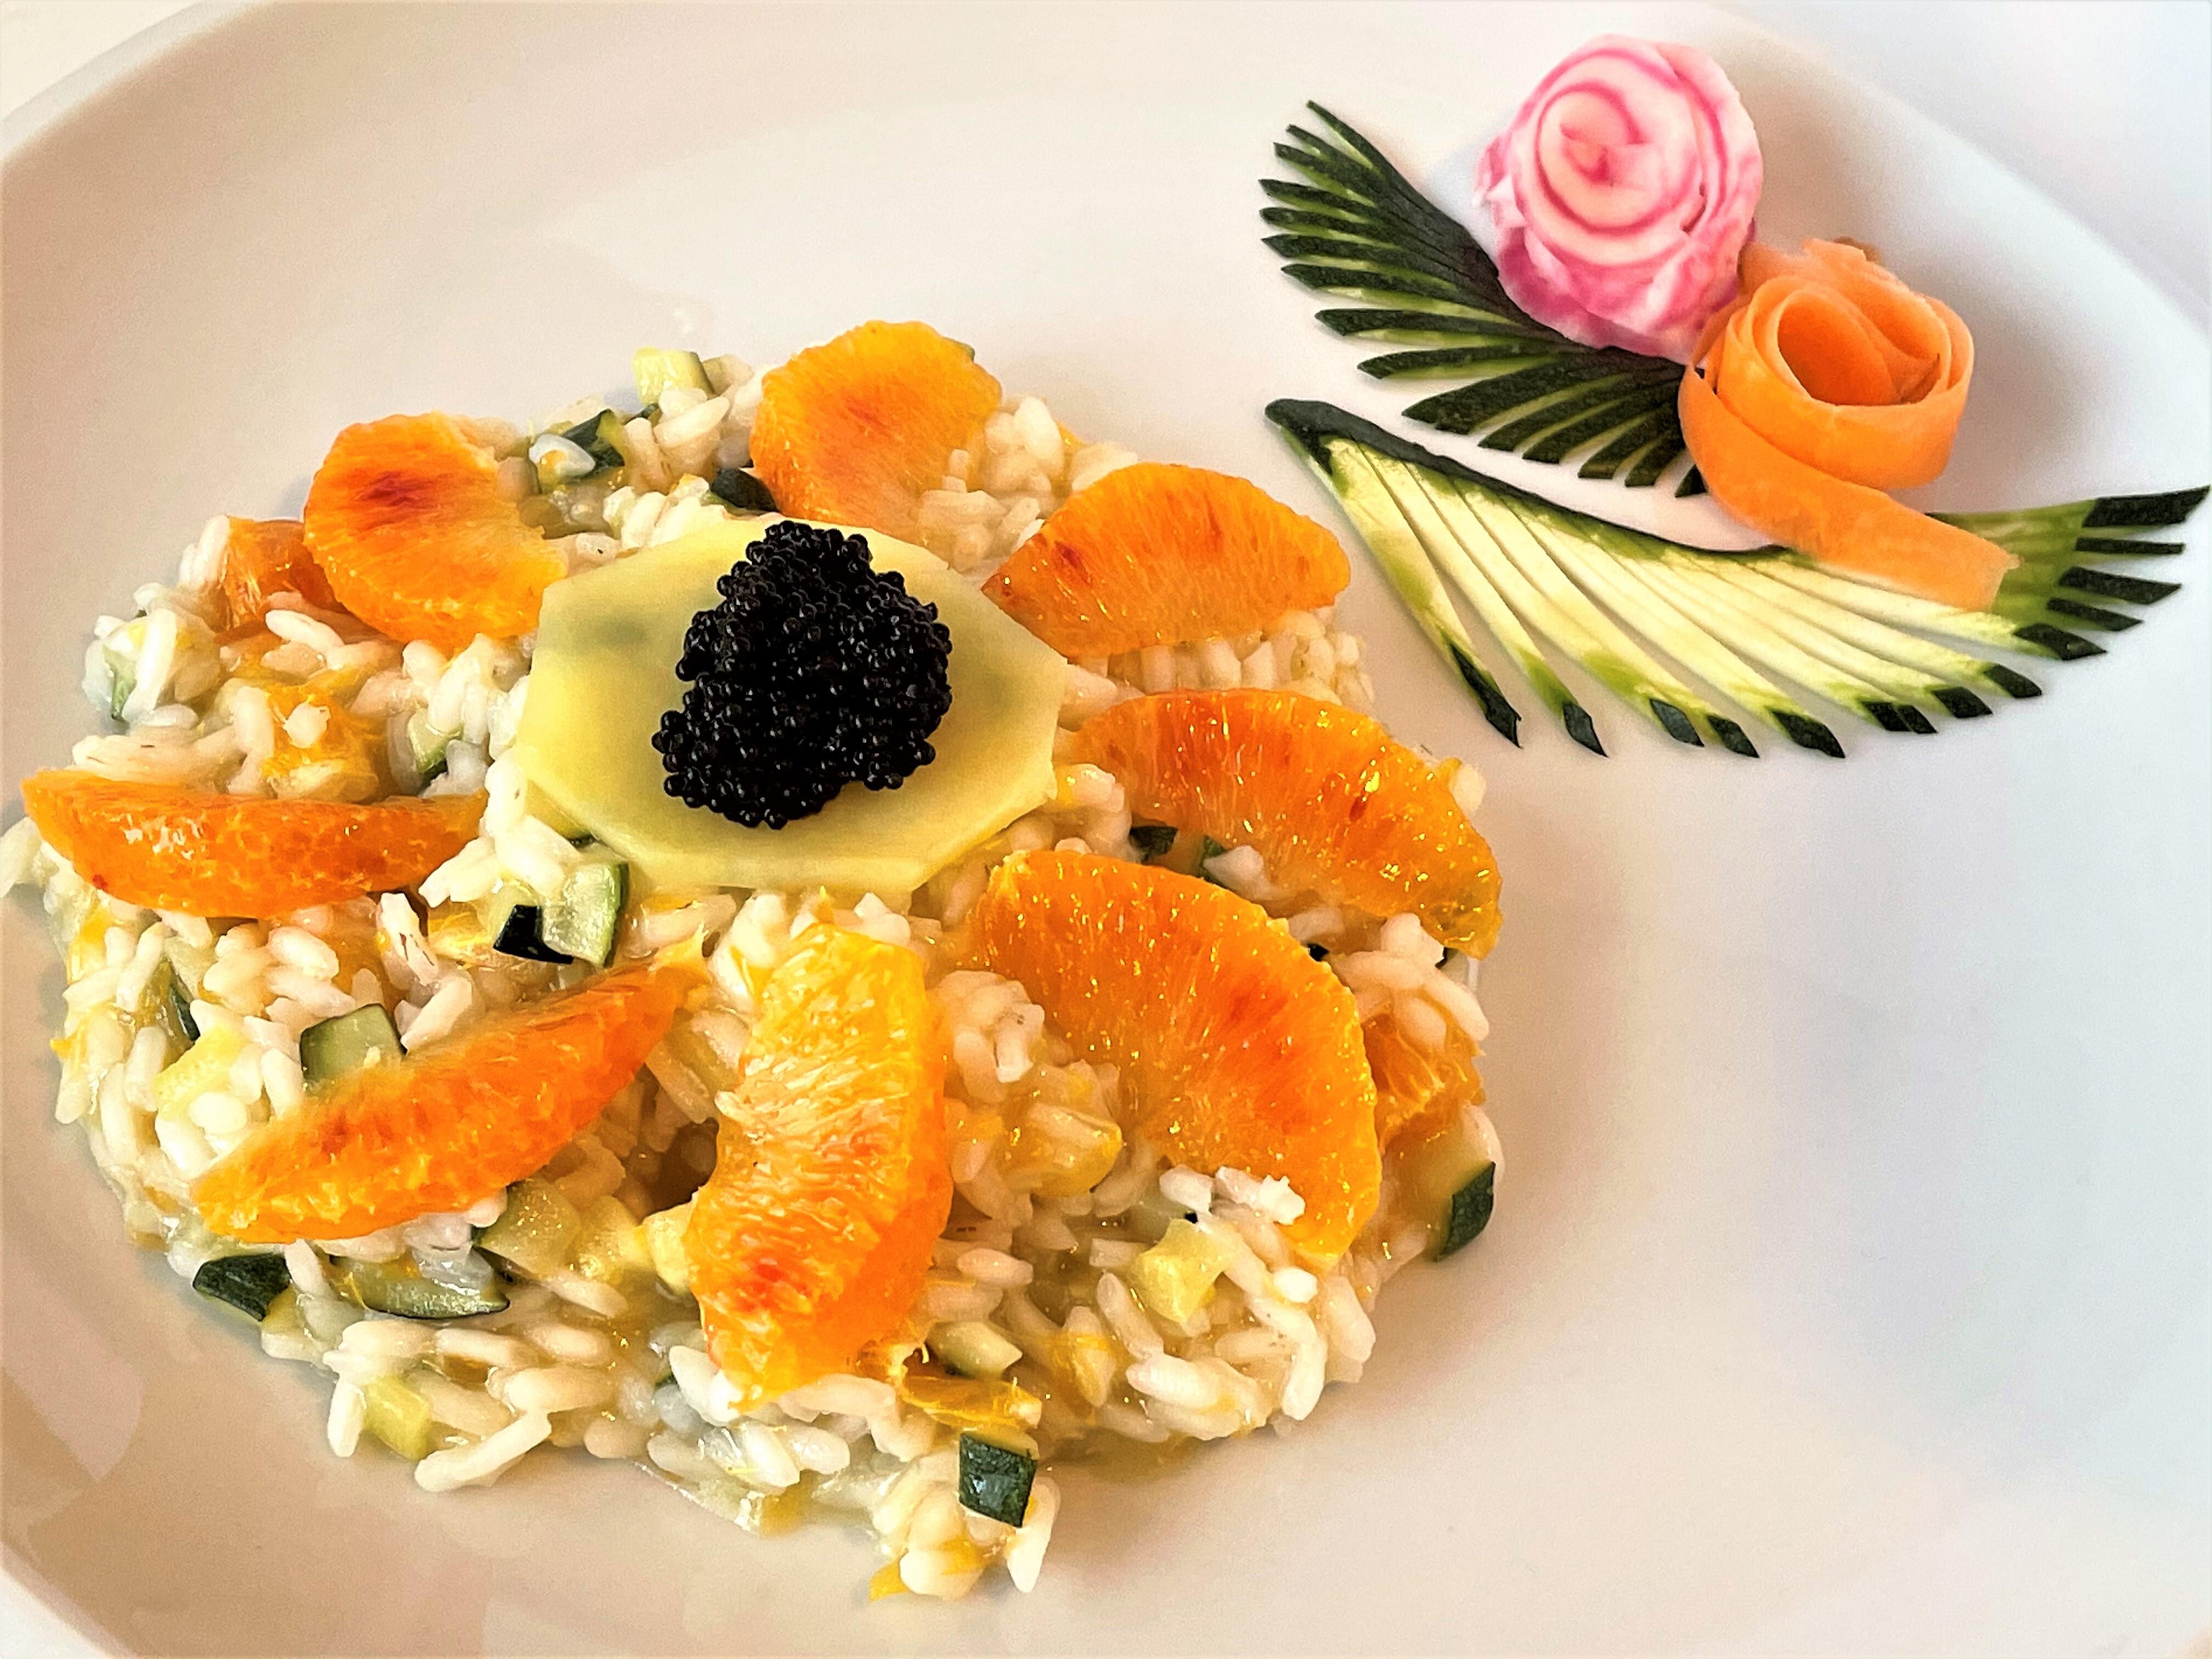 Risotto-con-zucchine-arancio-e caviale